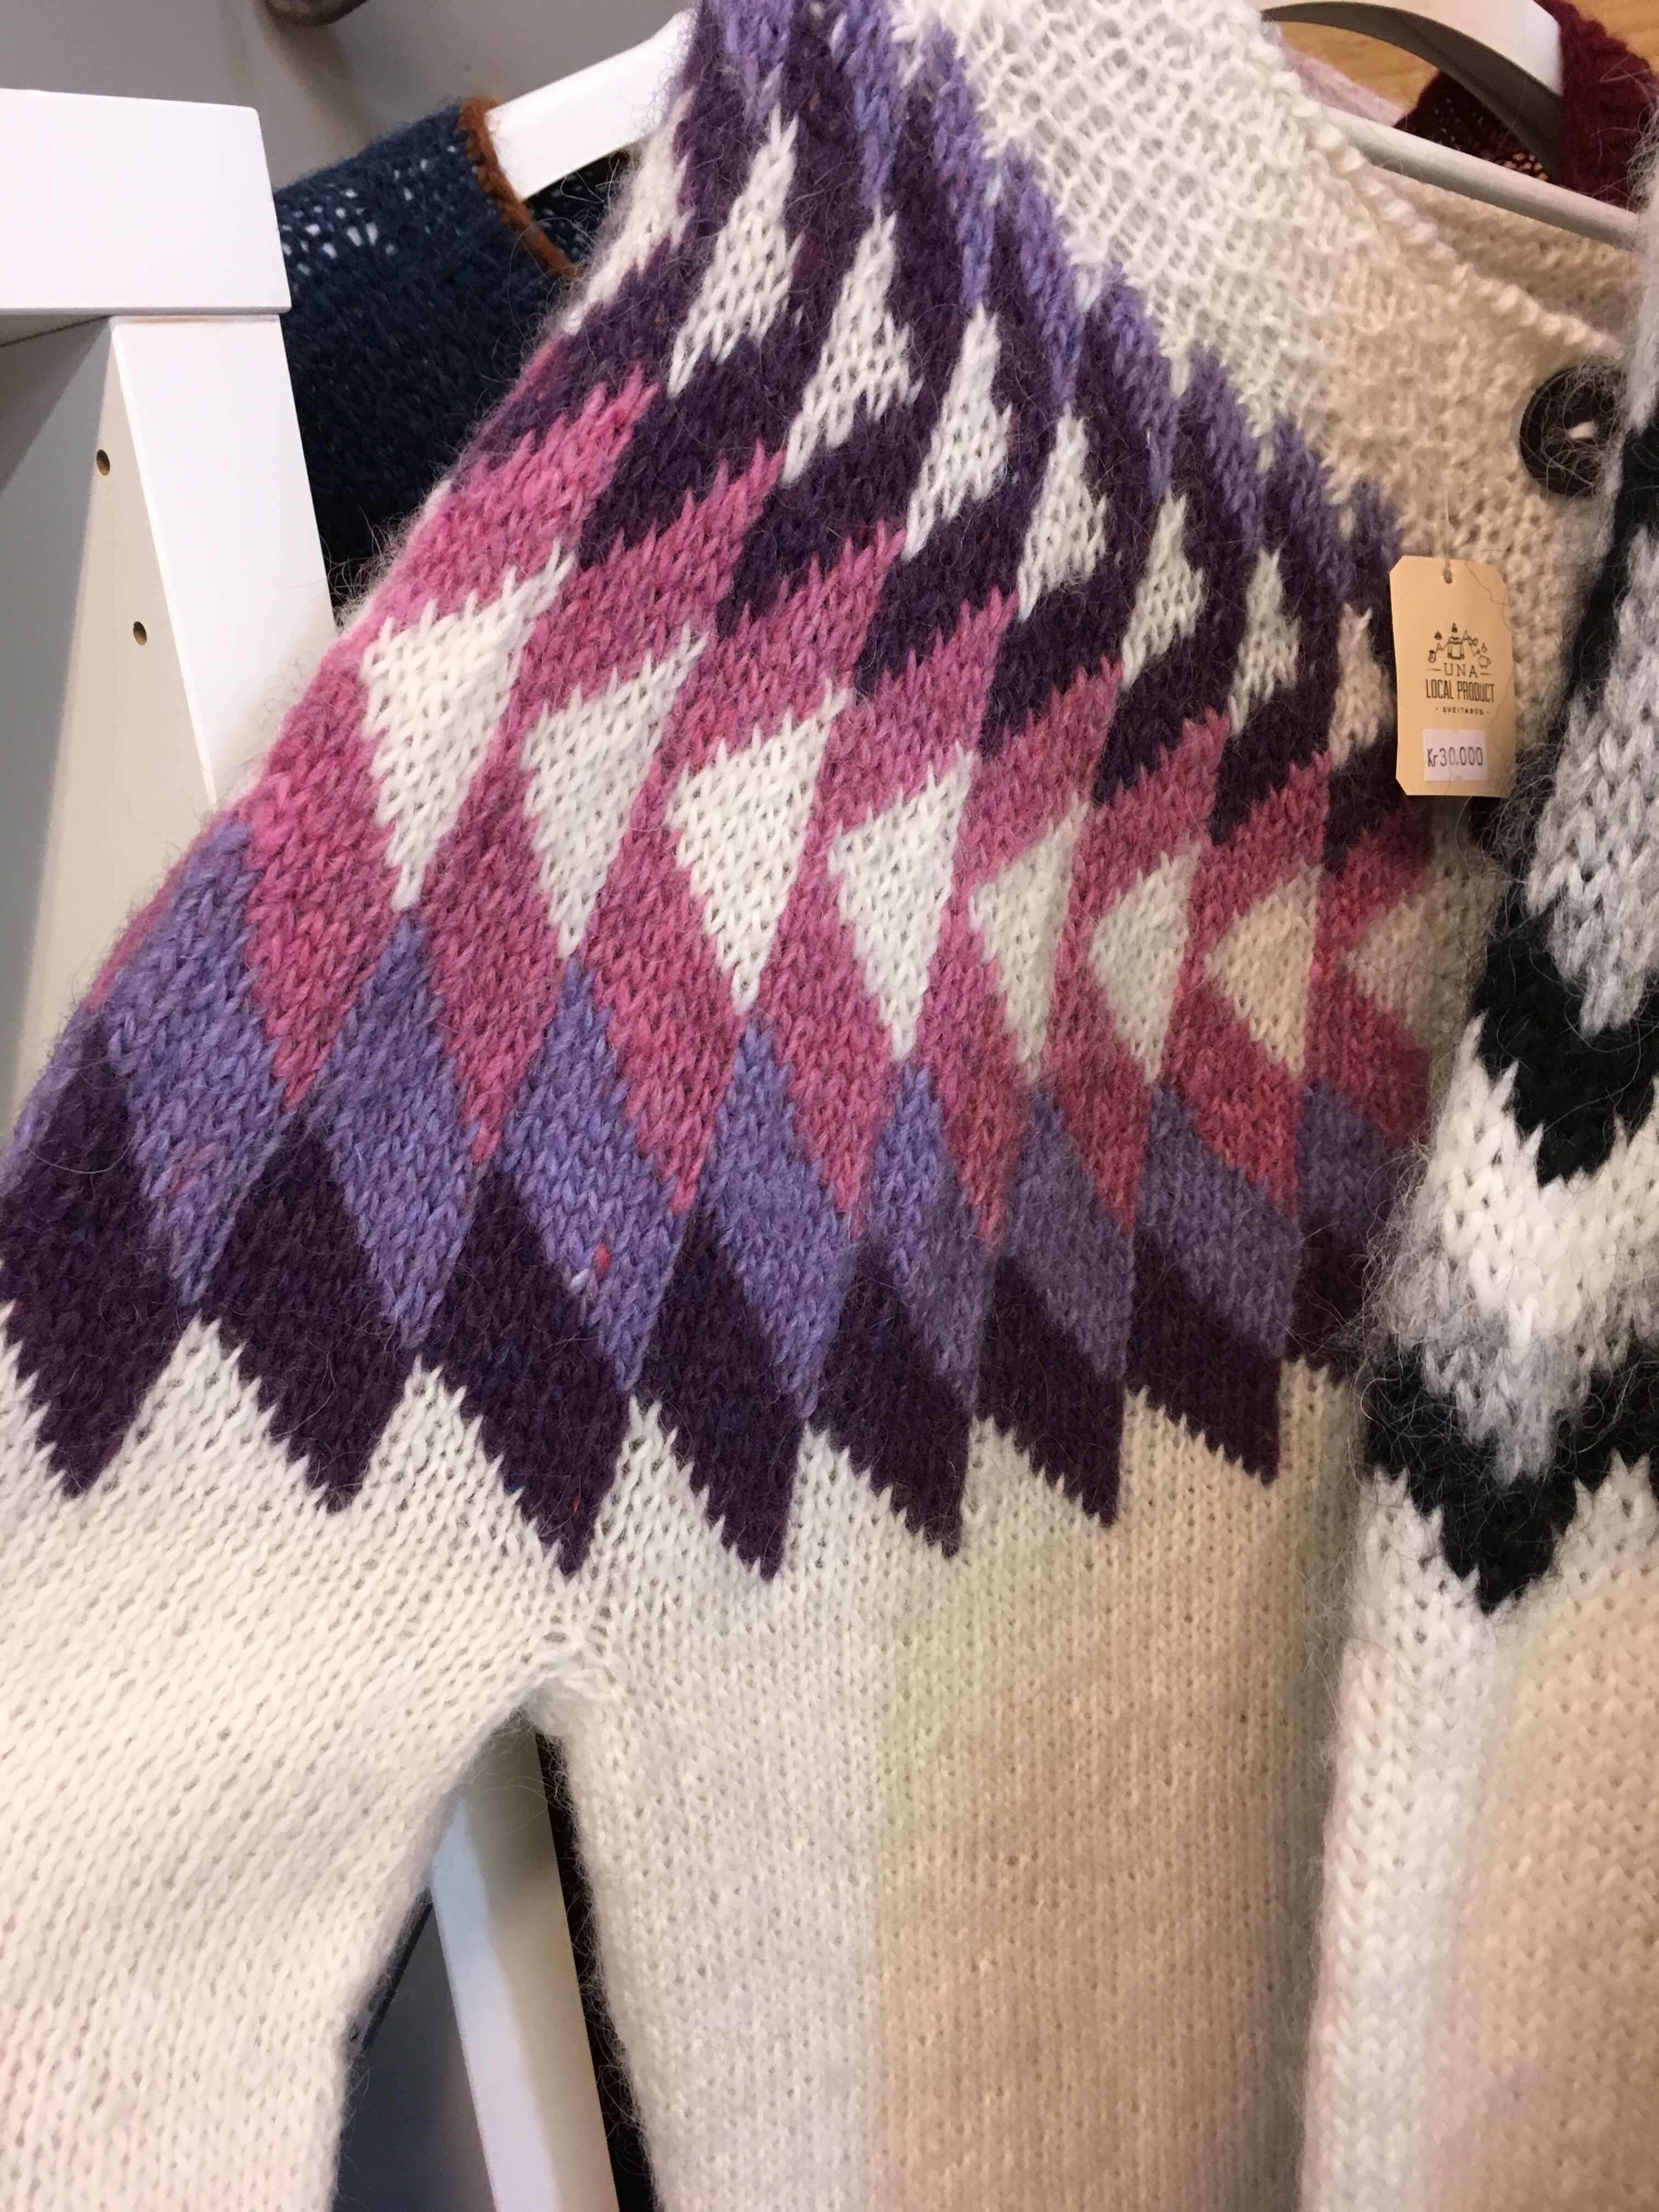 Ezt knit fotóztam egy boltban